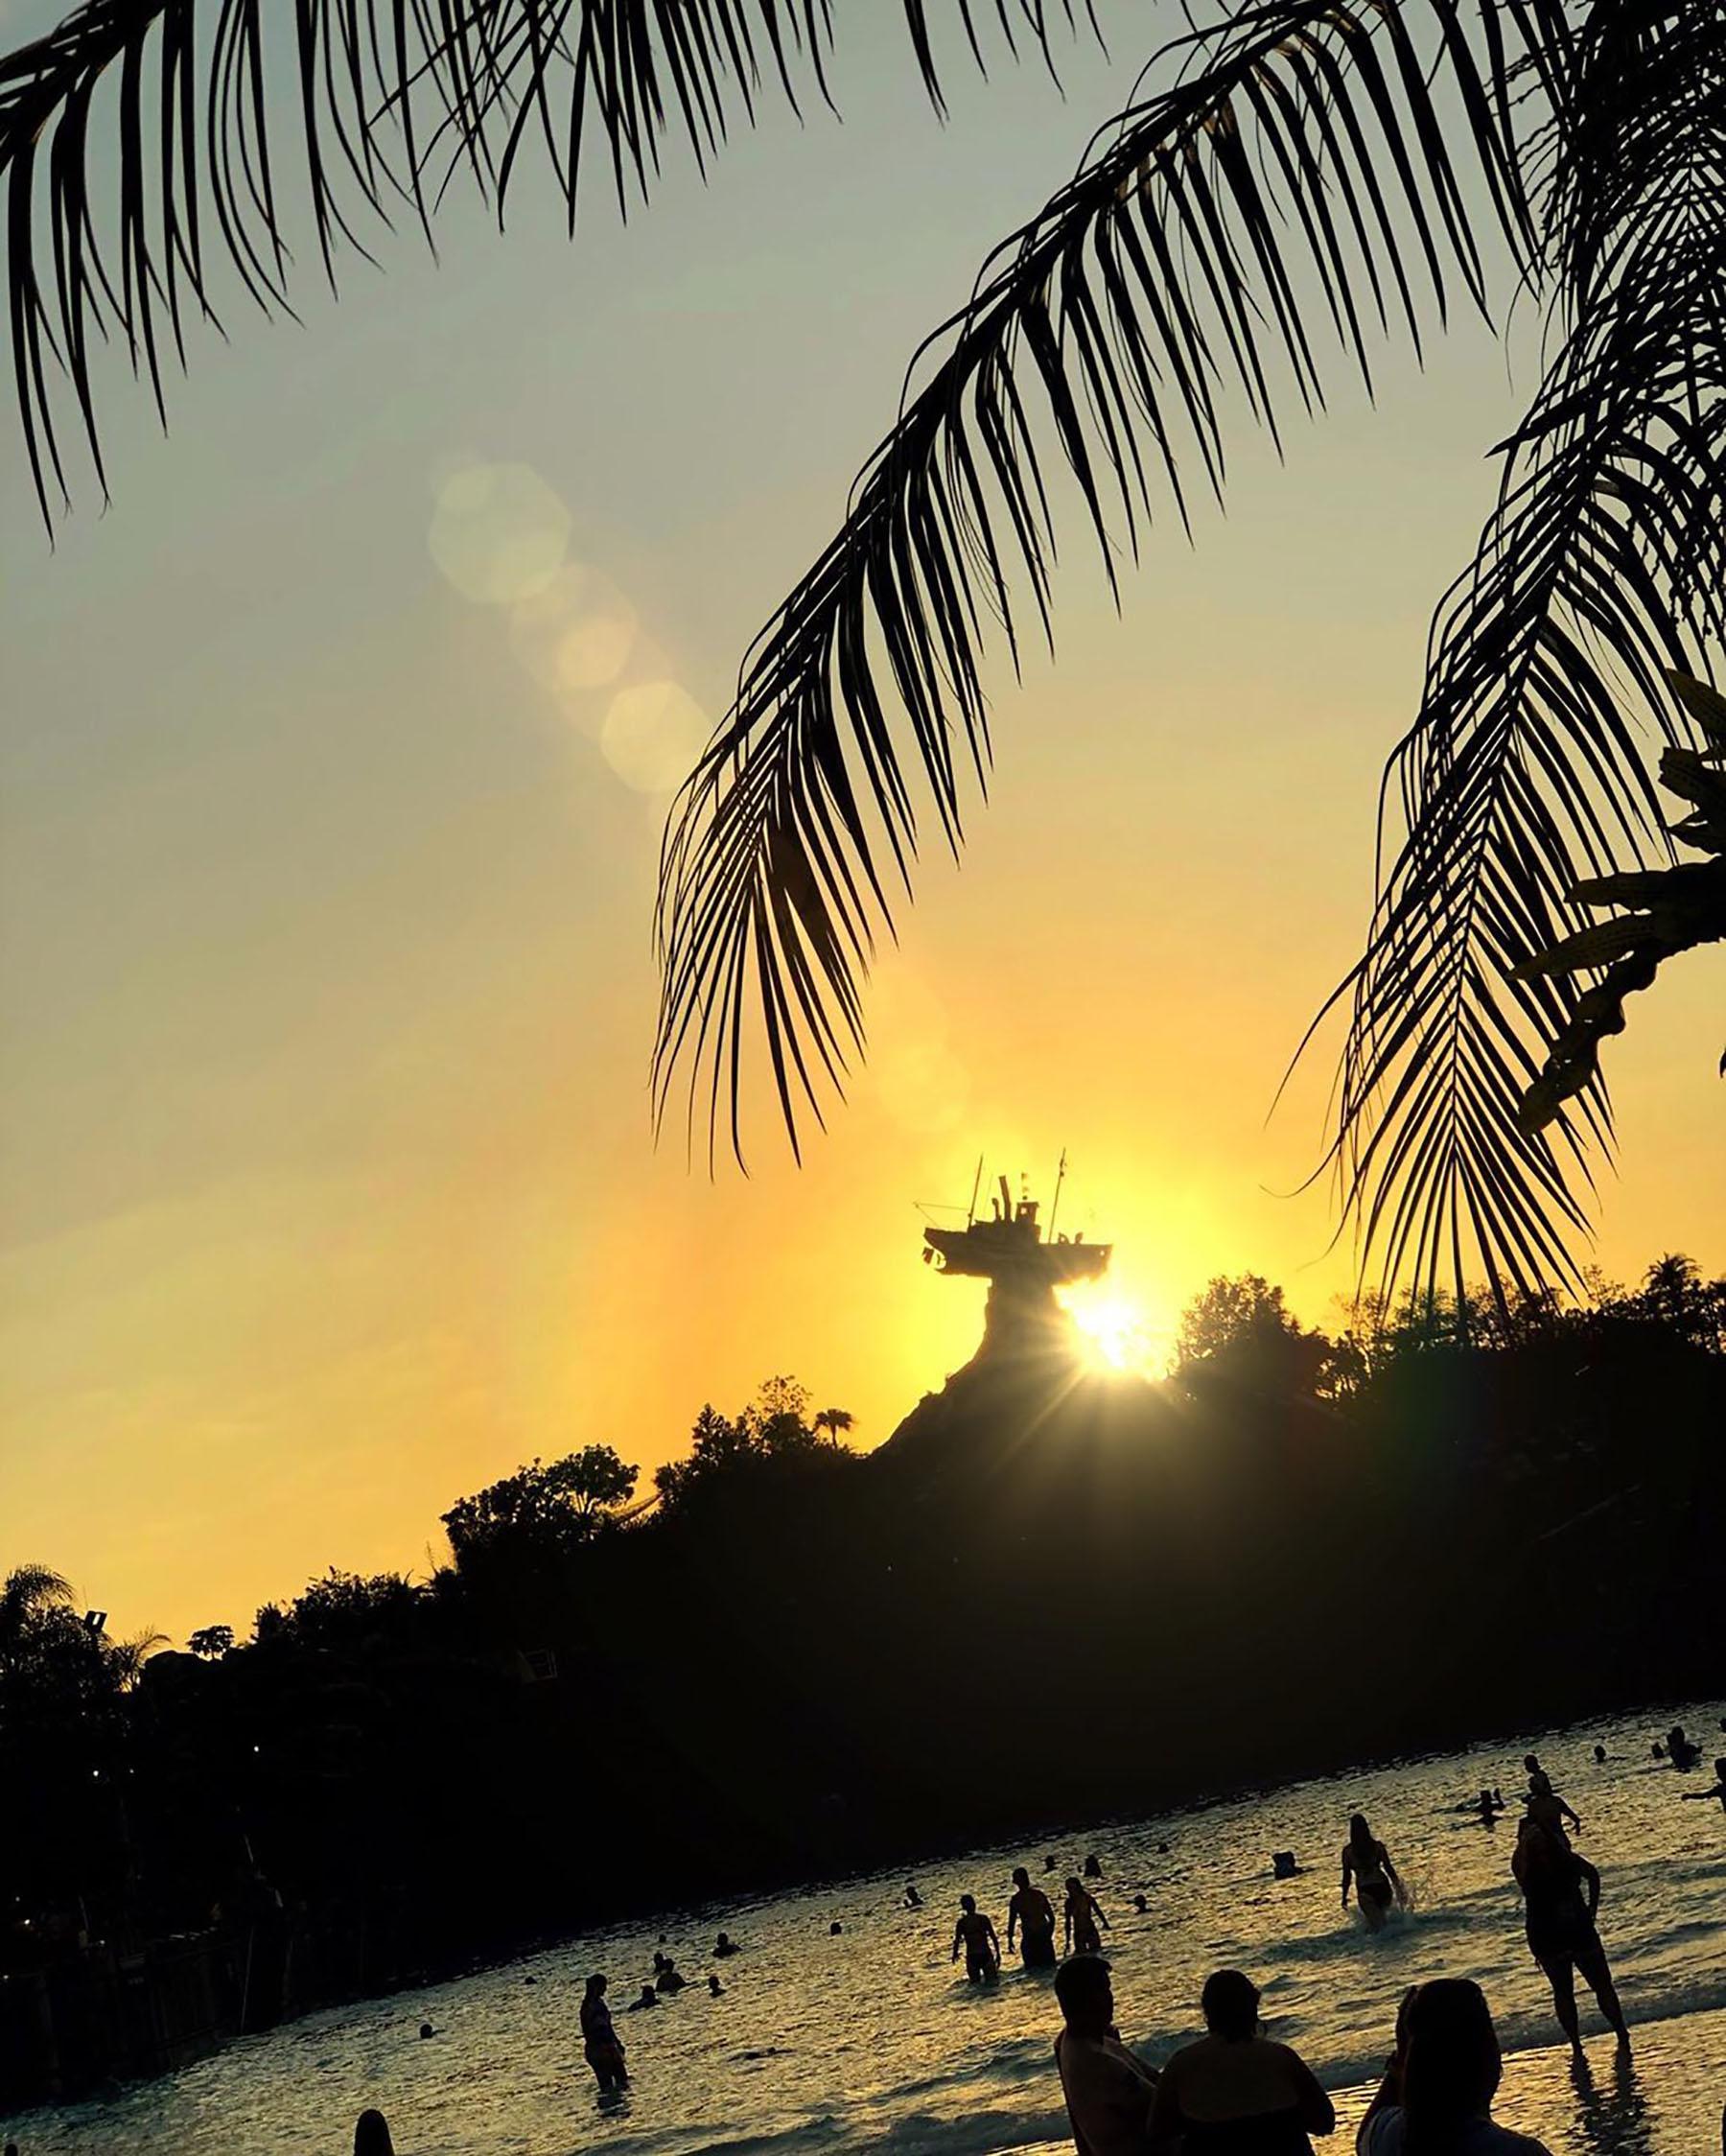 Sunset at Typhoon Lagoon